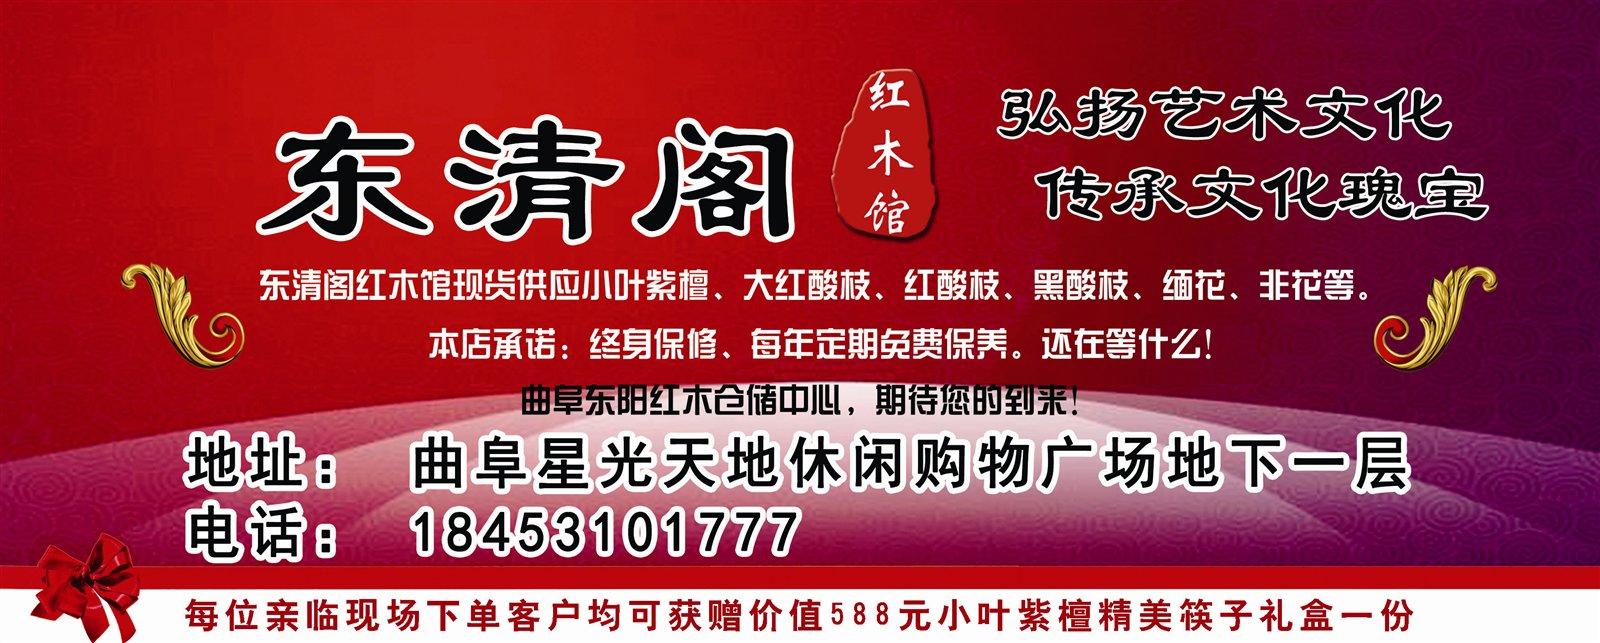 上海青岛高铁招聘-手机曲阜都市网